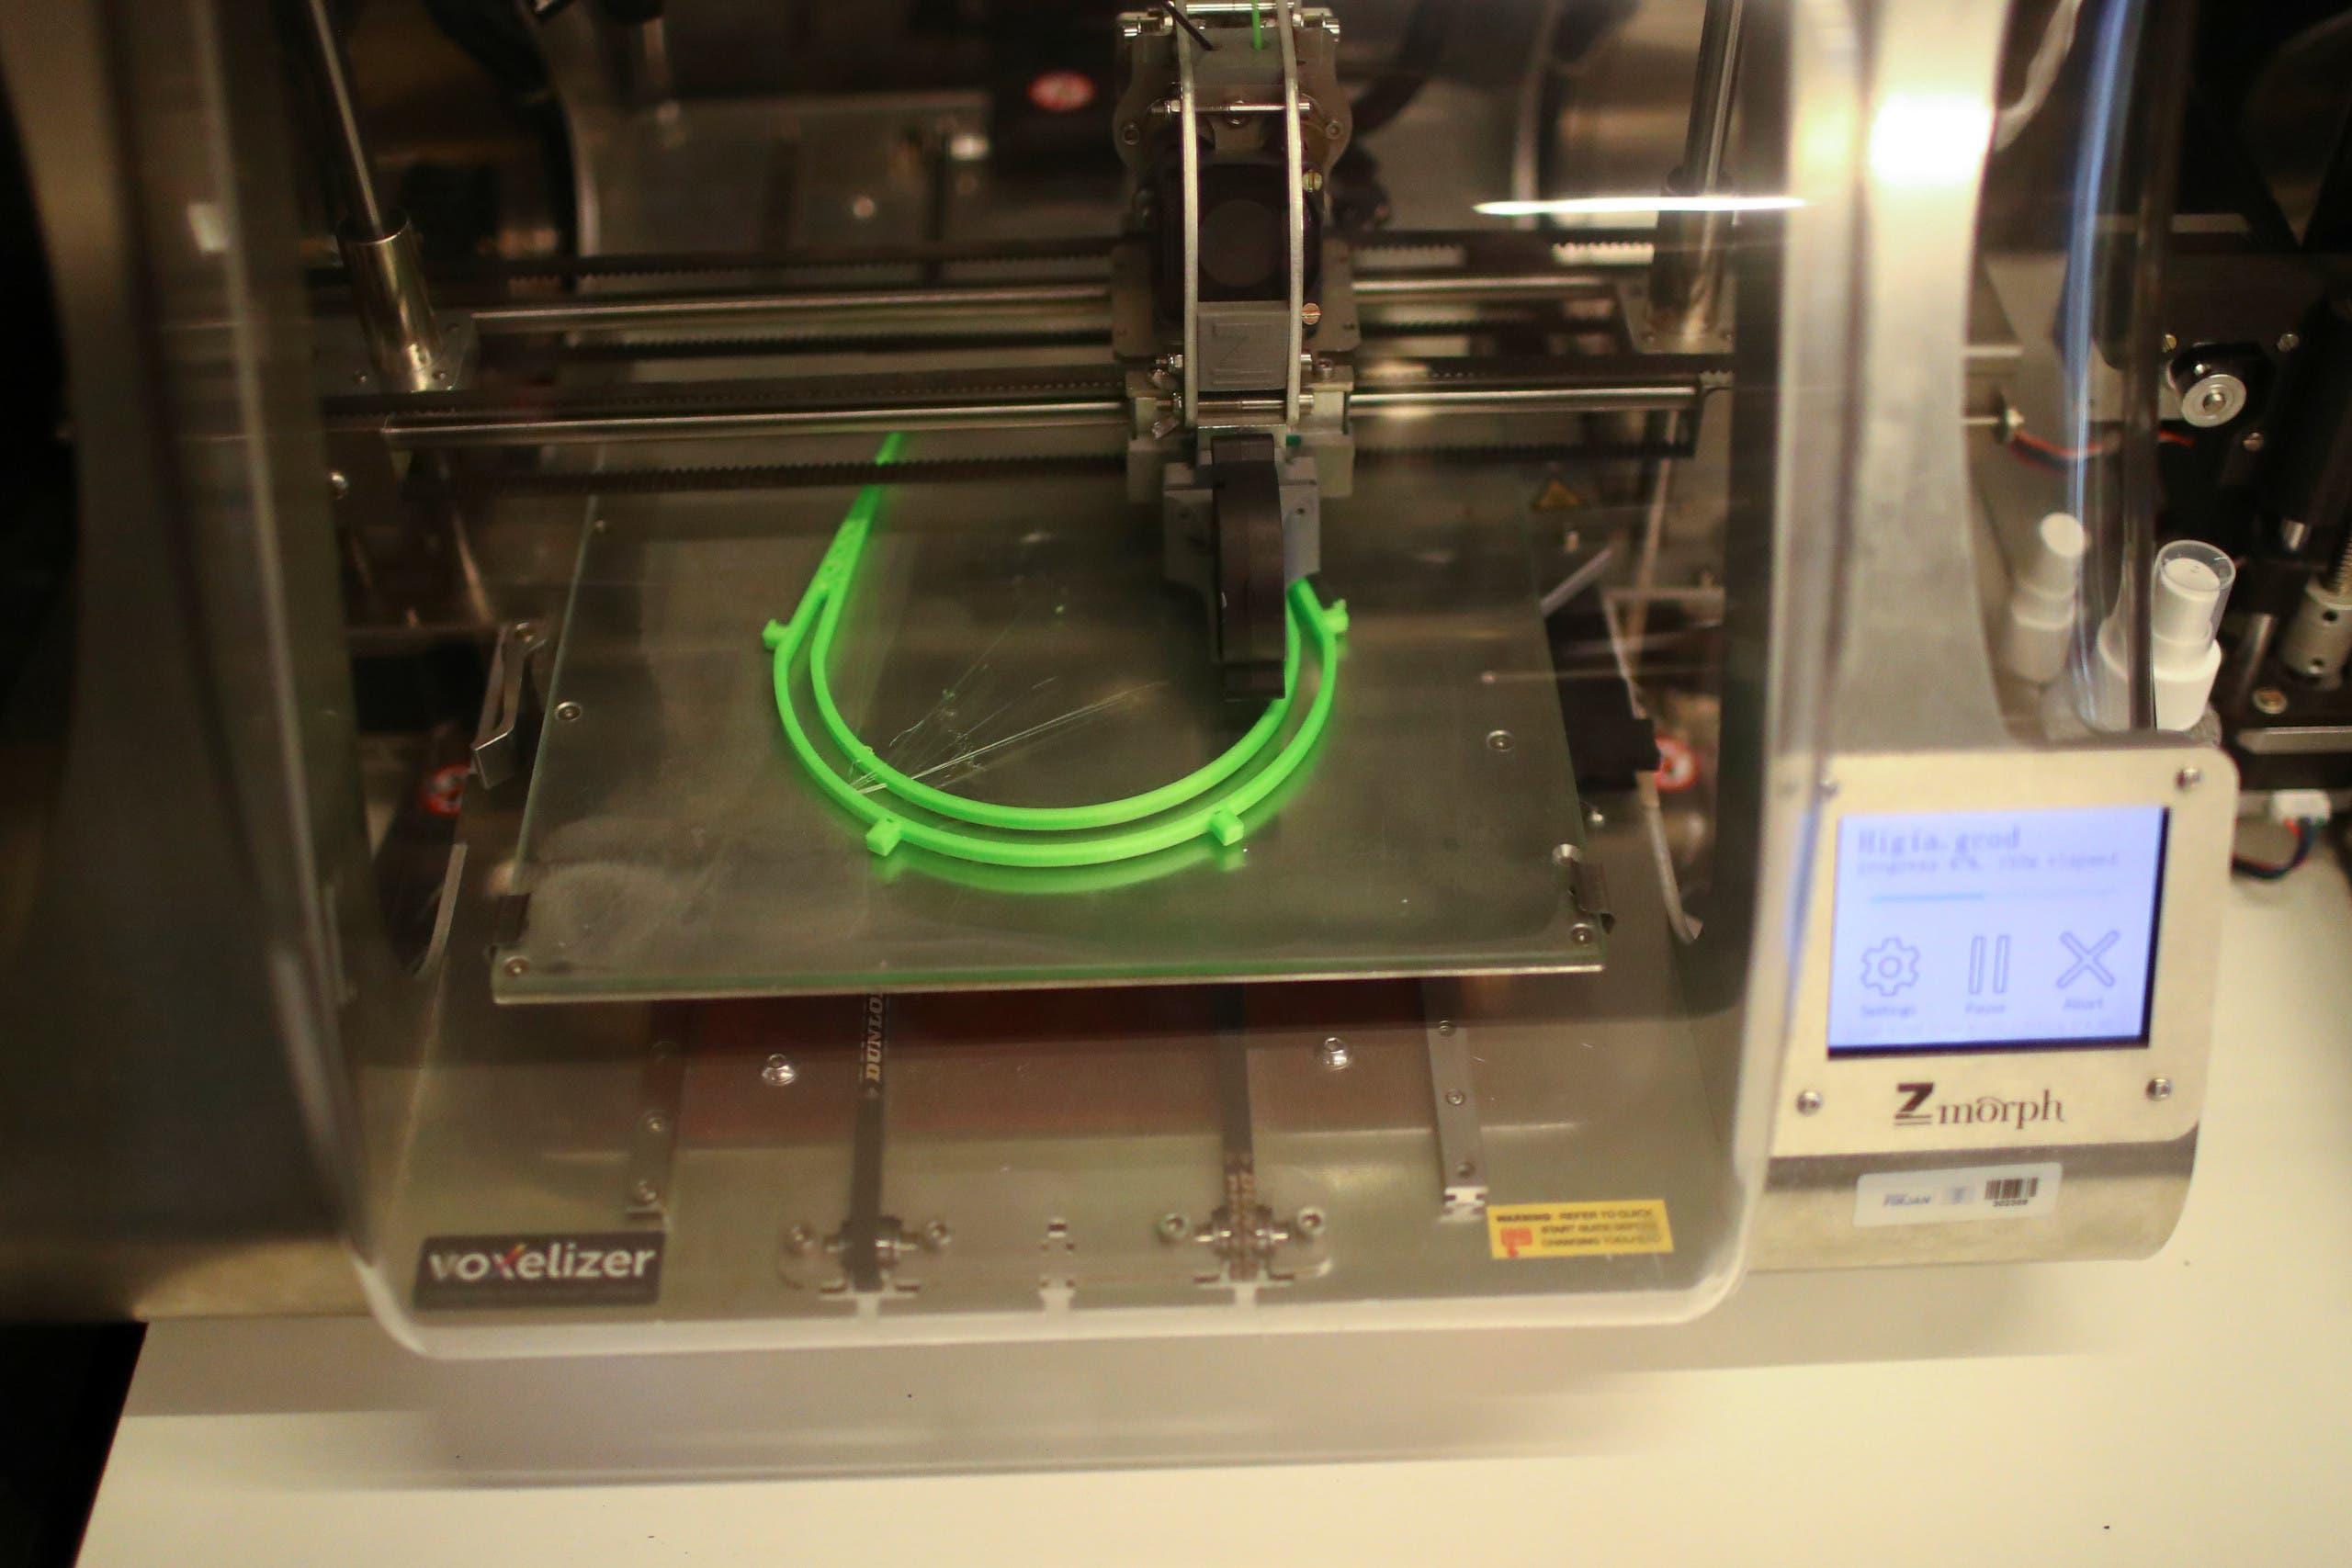 إنتاج أقنعة بالطابعة ثلاثية الأبعاد في البرازيل